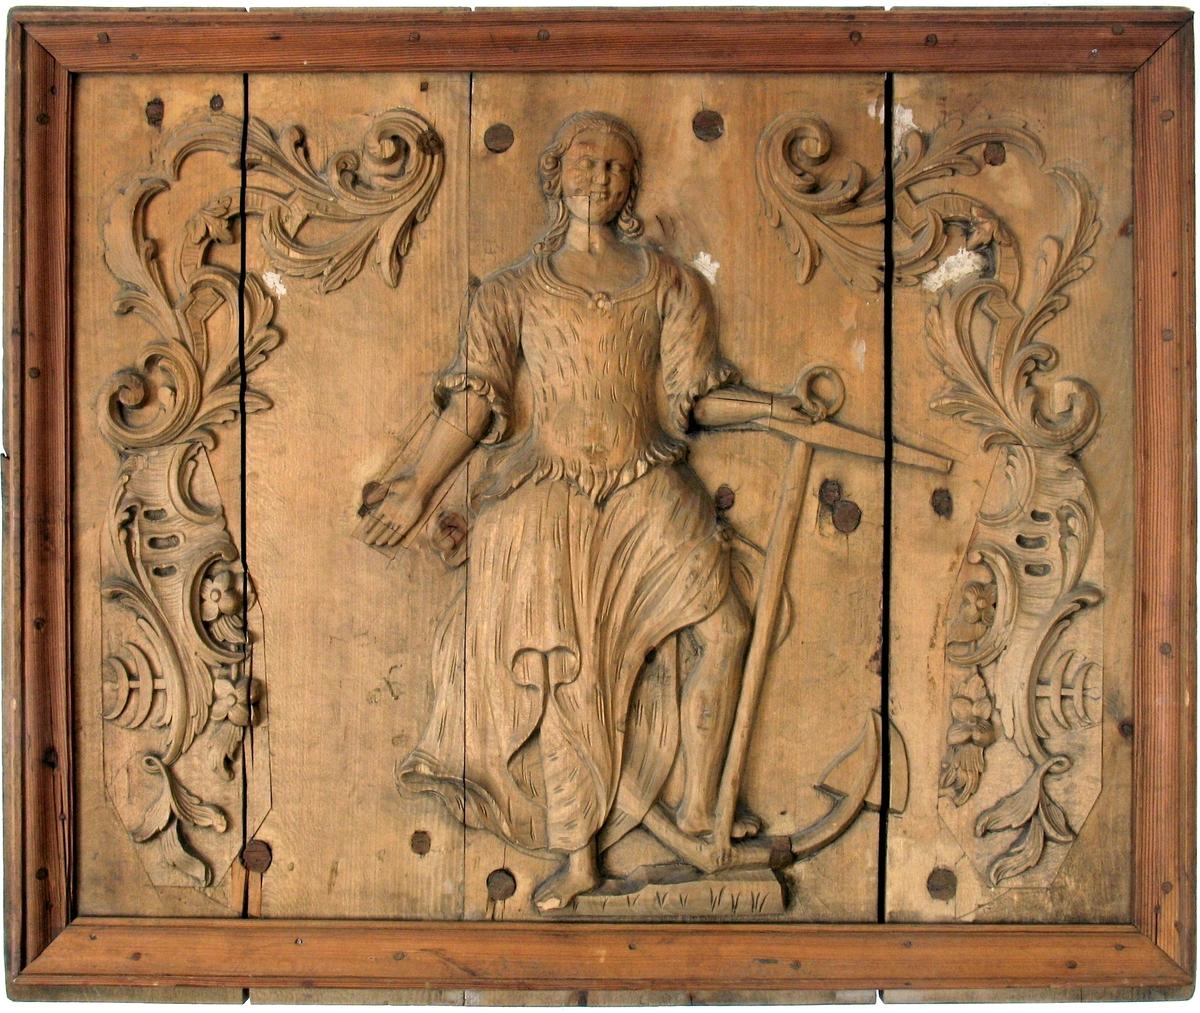 Stående kvinneskikkelse som holder et oppreist  anker i sin venstre hånd. Flankert av løv og knekkede bånd i régence, blomster og rokokkoornamenter.